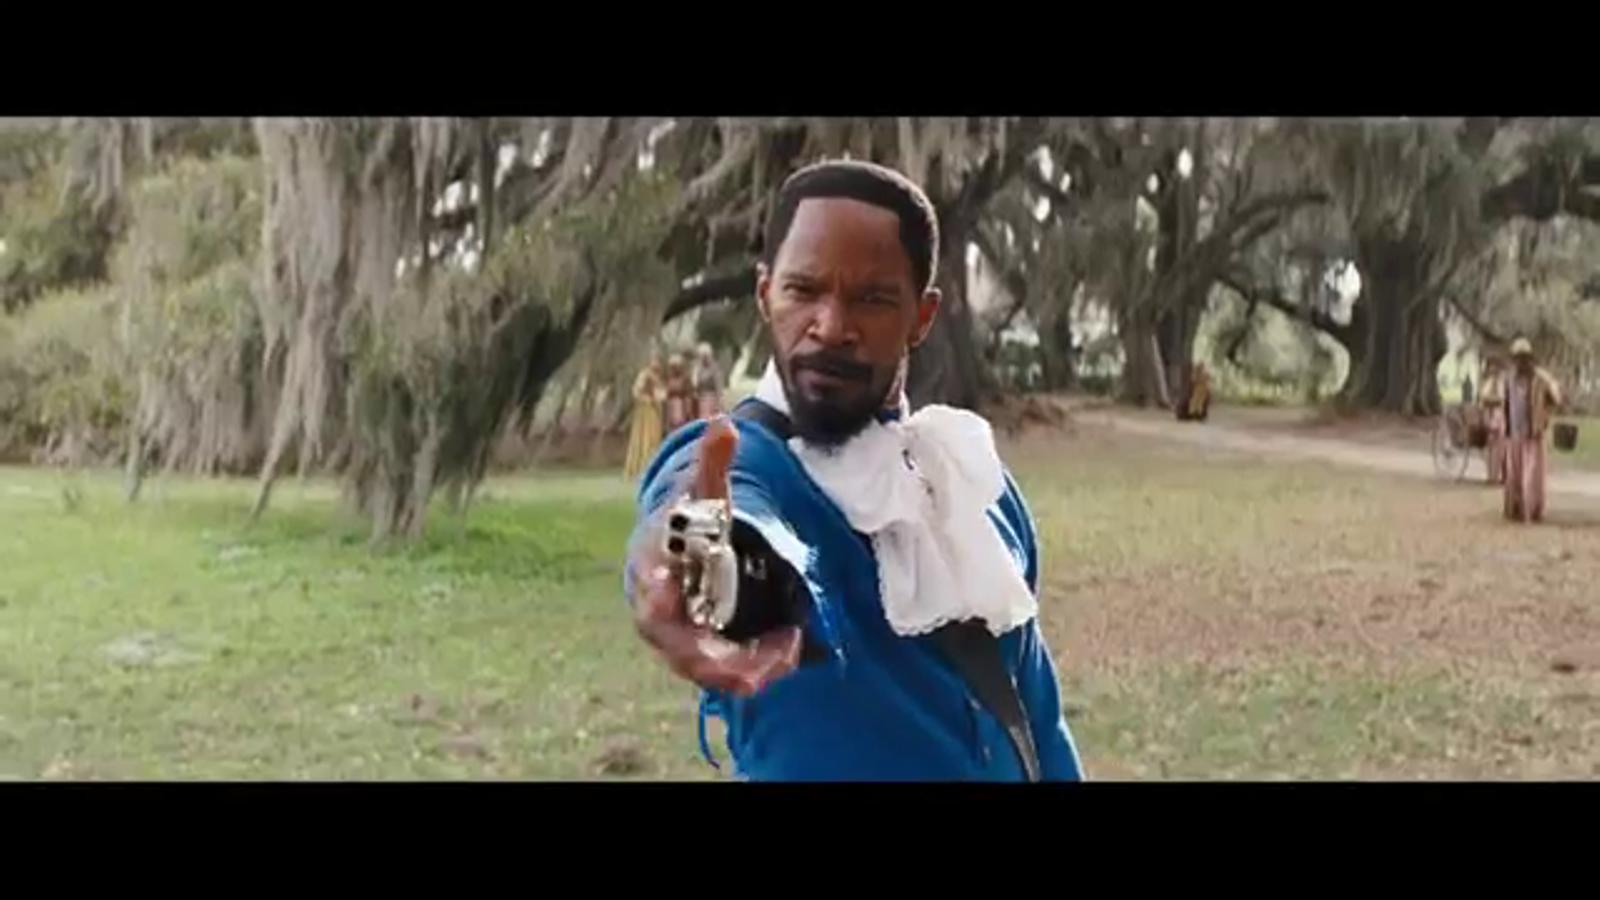 Primer tràiler de 'Django desencadenado', el nou film de Quentin Tarantino